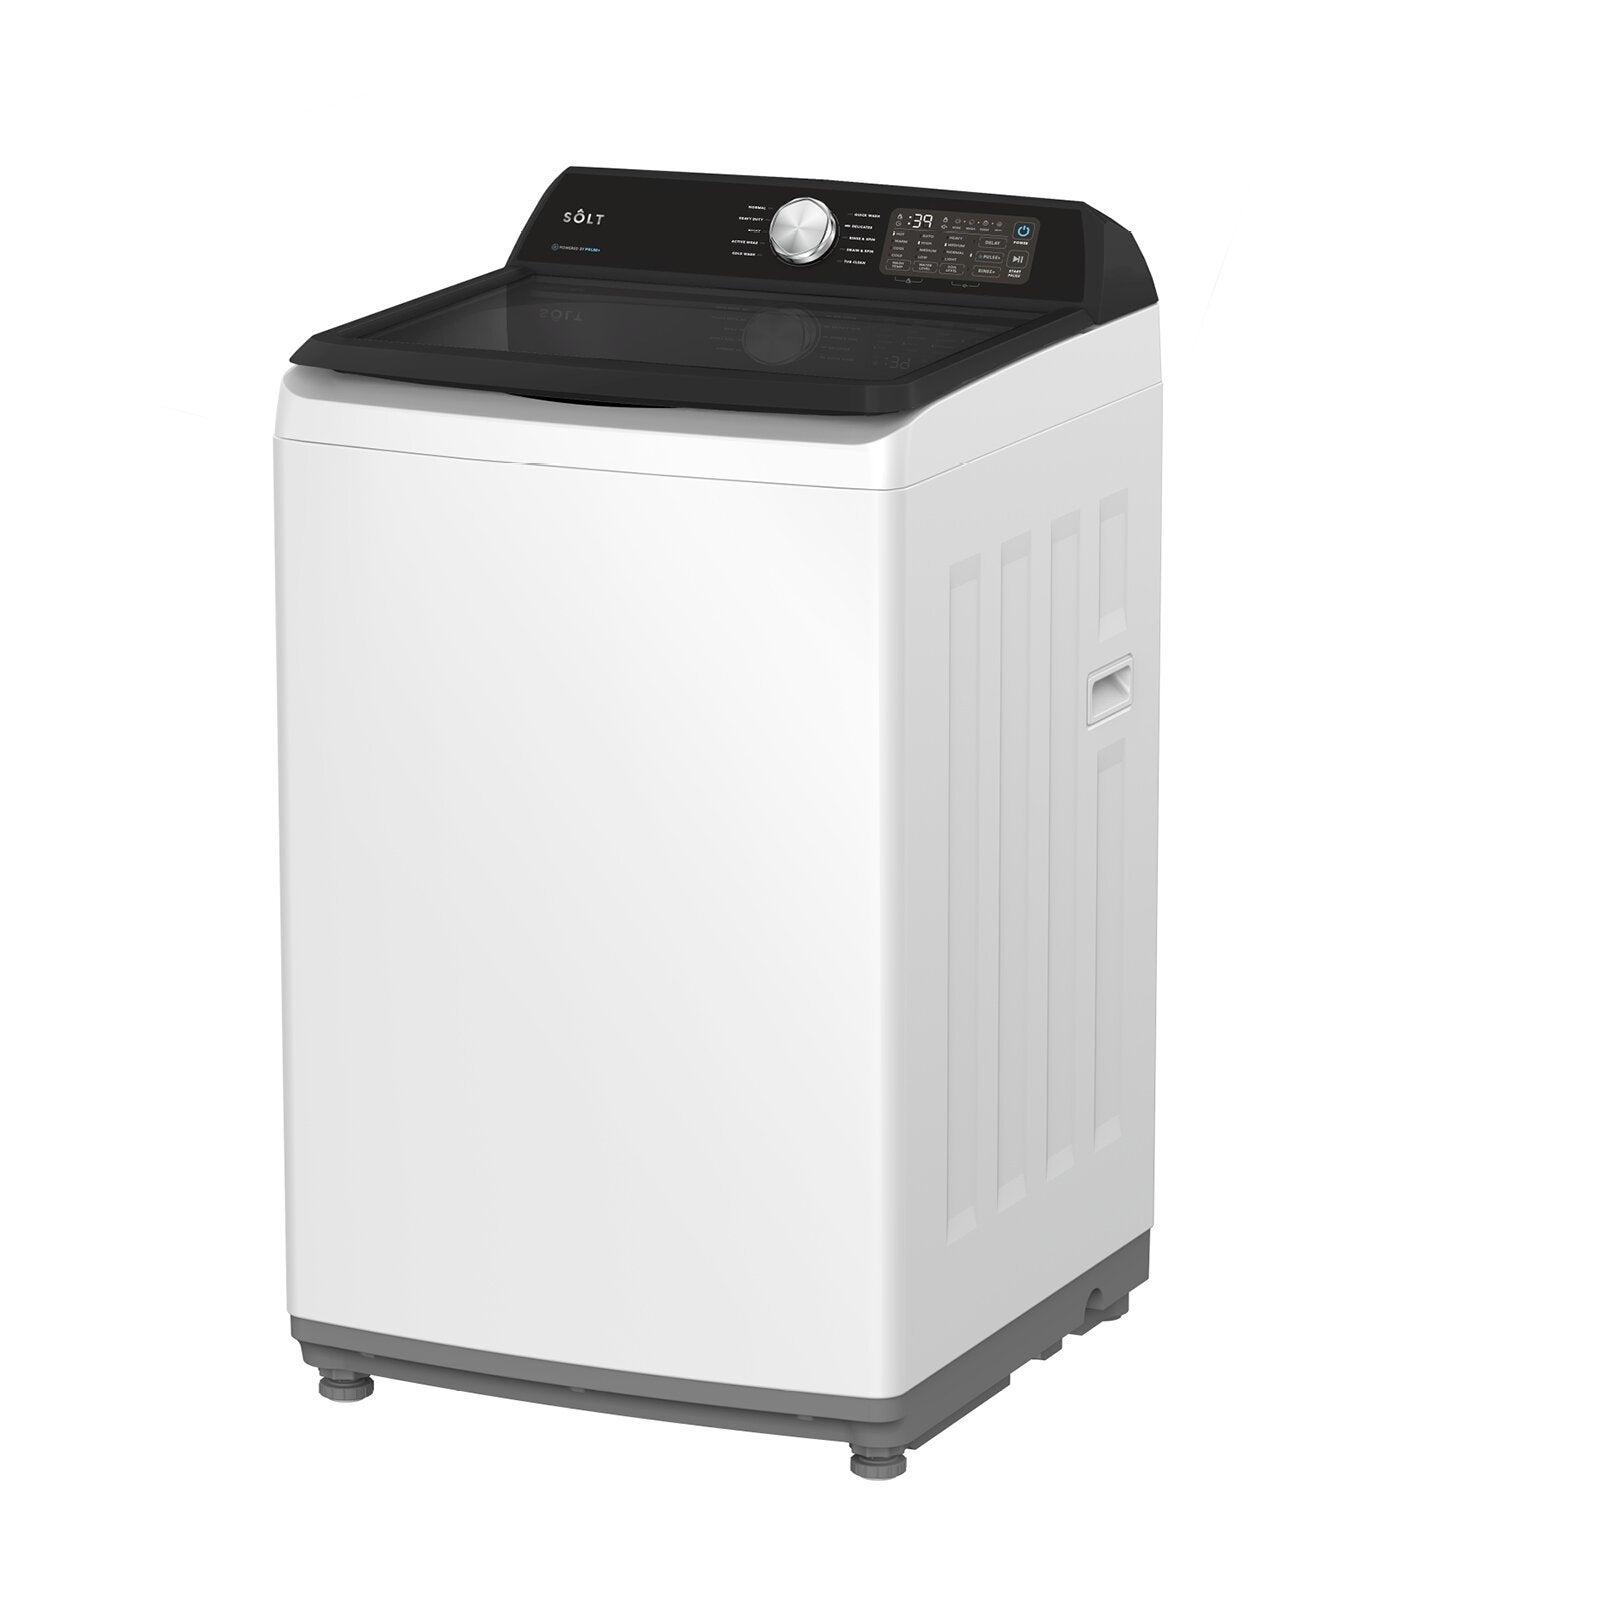 Solt GGSTLW90RC Washing Machine